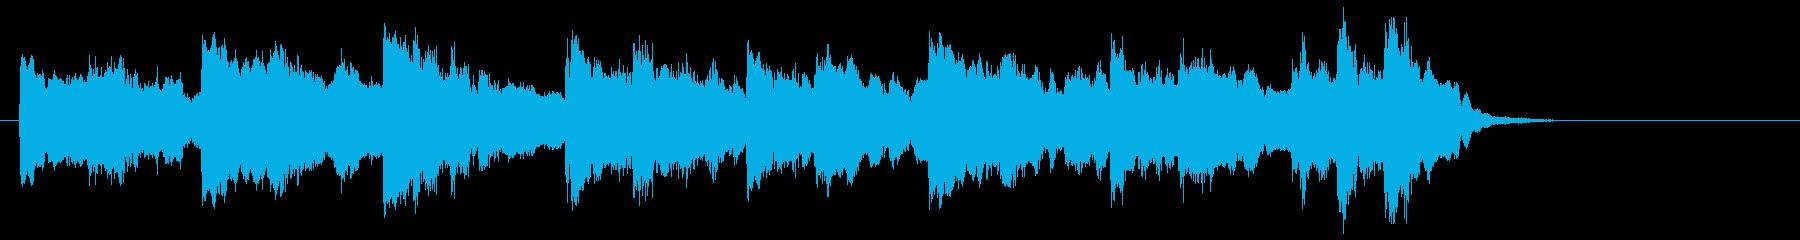 フルートとストリングスのジングルの再生済みの波形